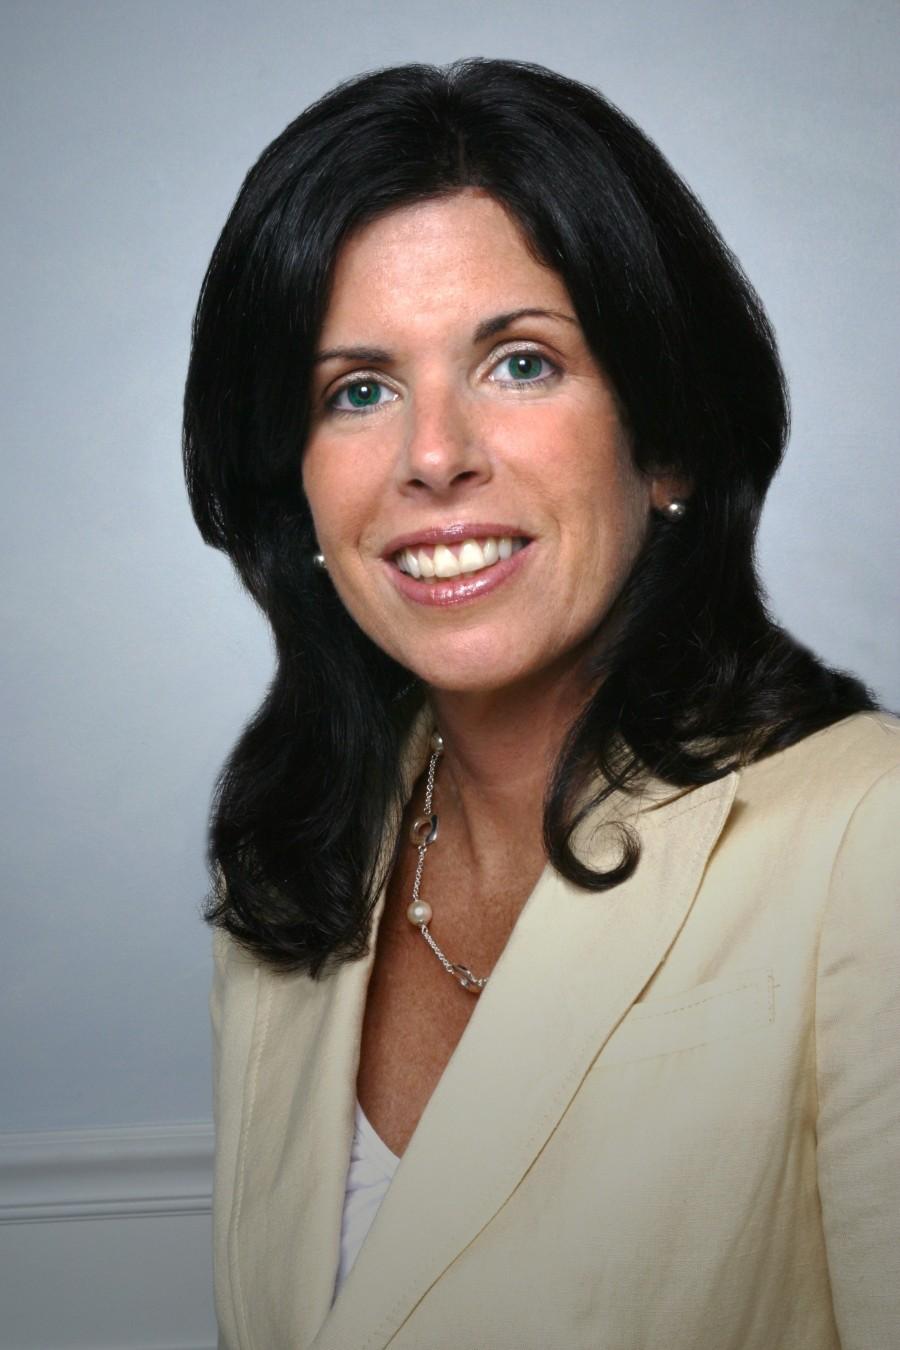 Mary Kilcolm